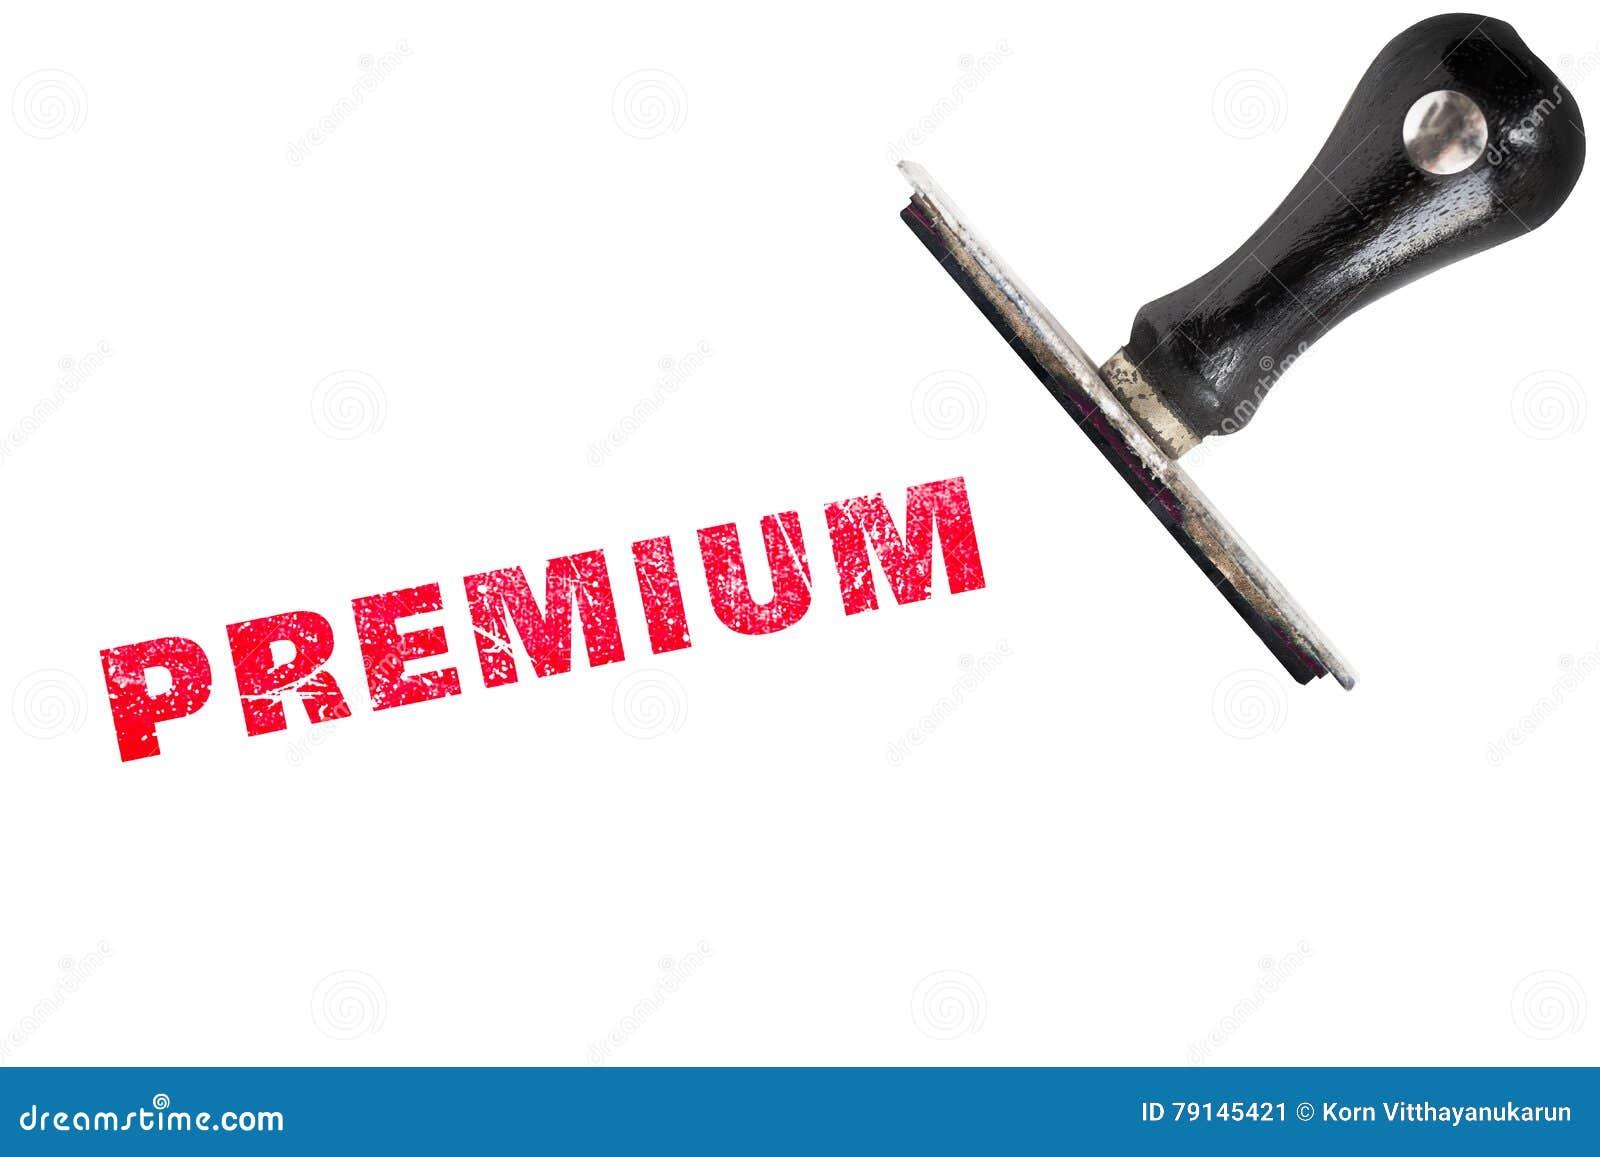 Premium stamp text